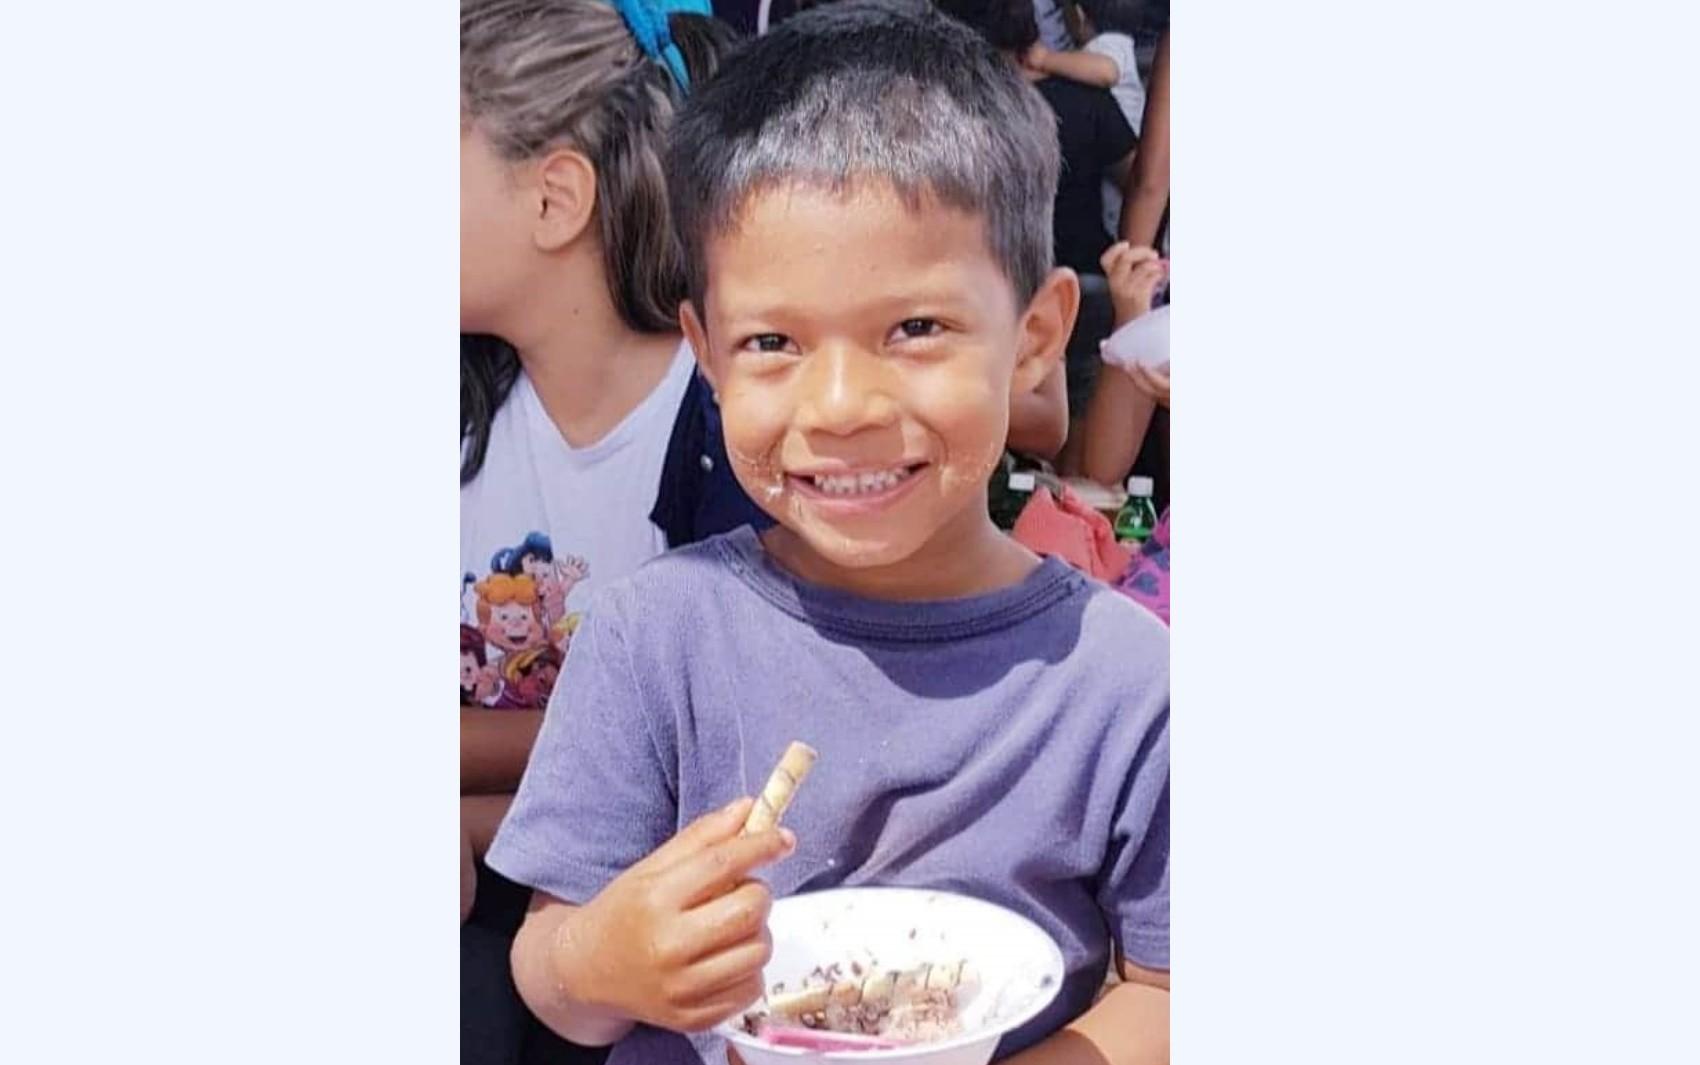 Parentes e vizinhos de menino morto afogado em lama fazem ato em homenagem ao garoto em Goiânia